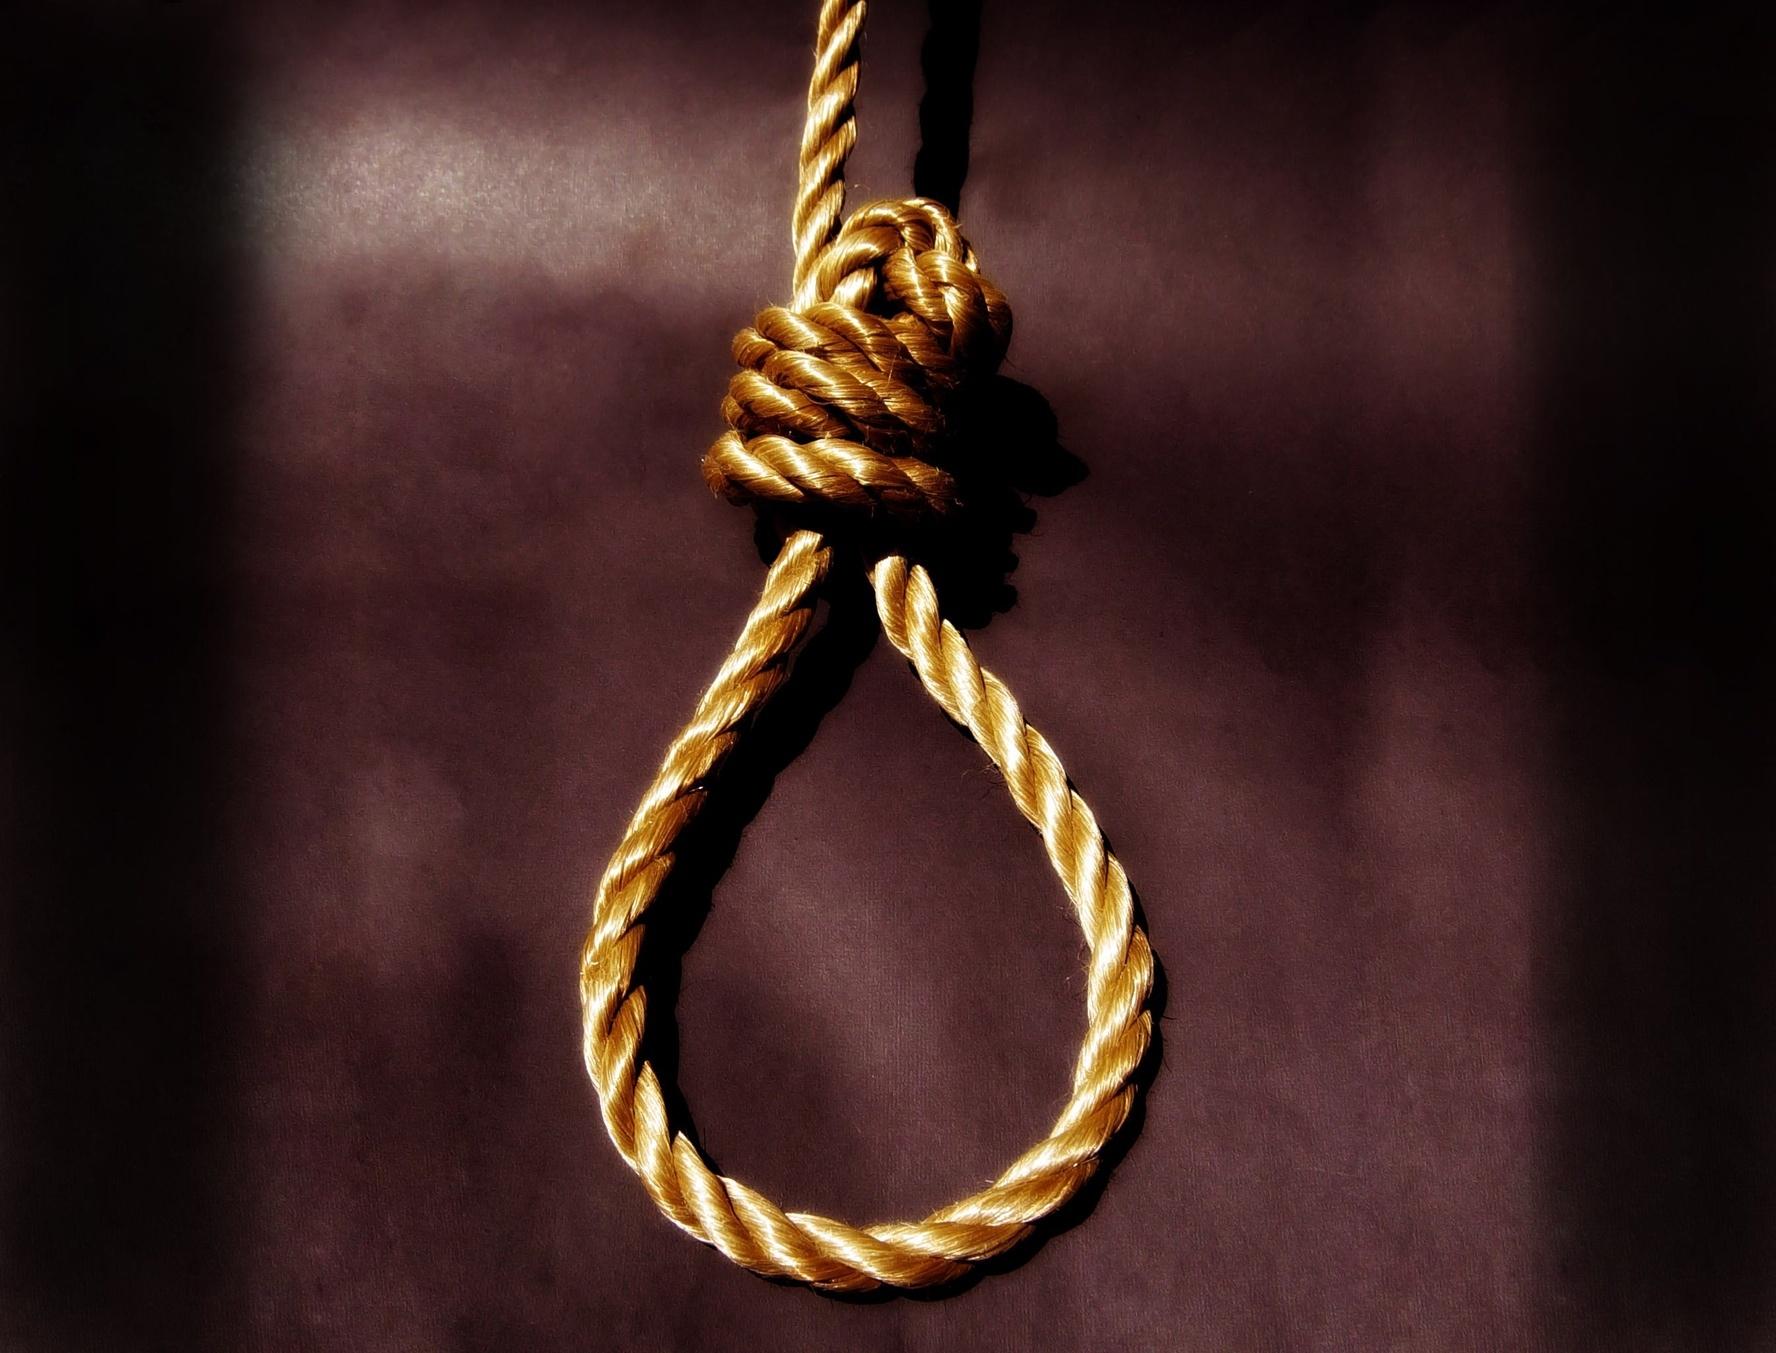 Украиной прокатилась волна самоубийств среди подростков, стало известно кто за этим стоит!